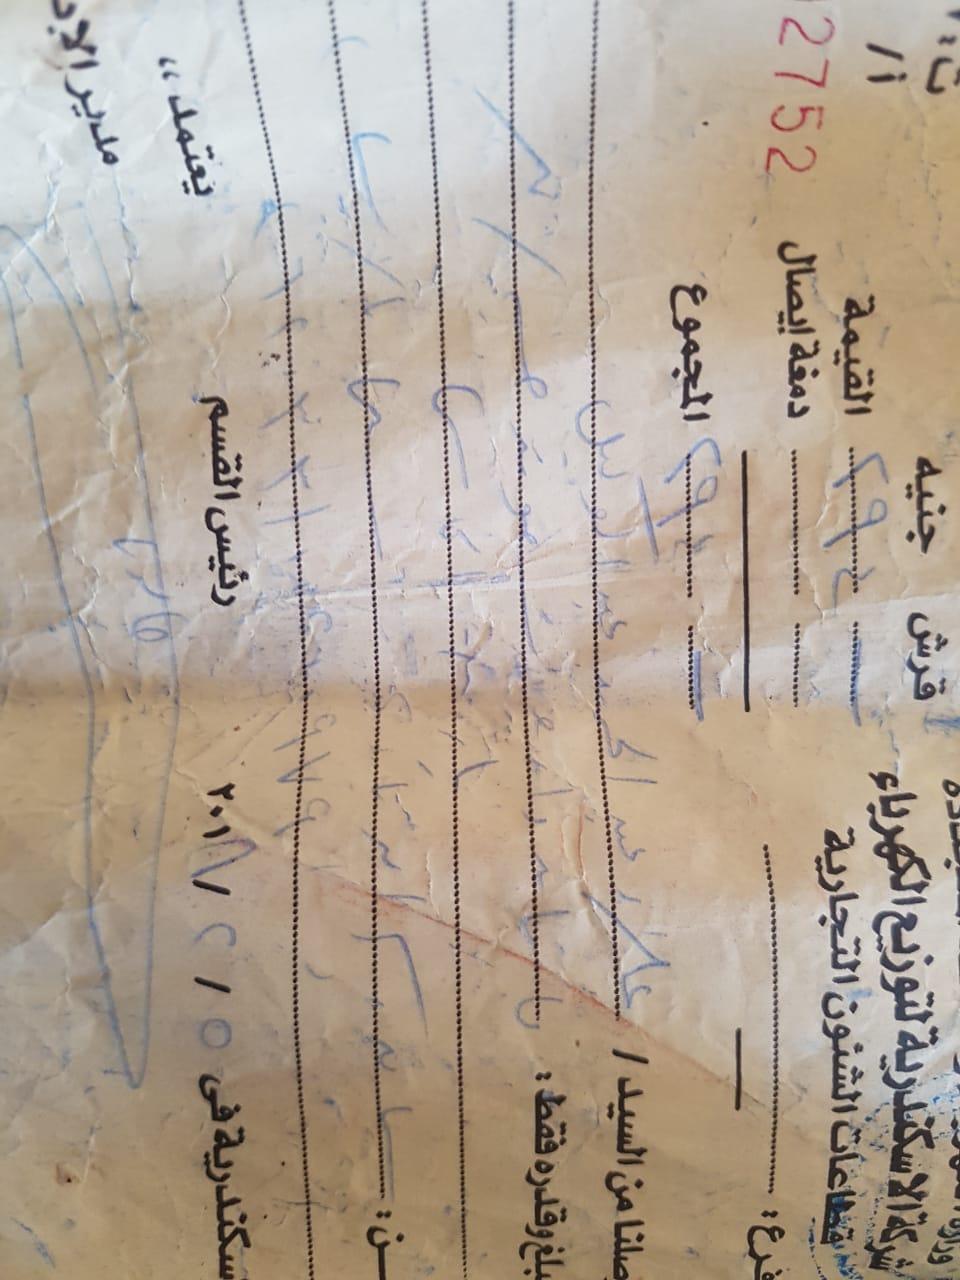 أزمة مشروع سيتي بالاس بالإسكندرية (13)